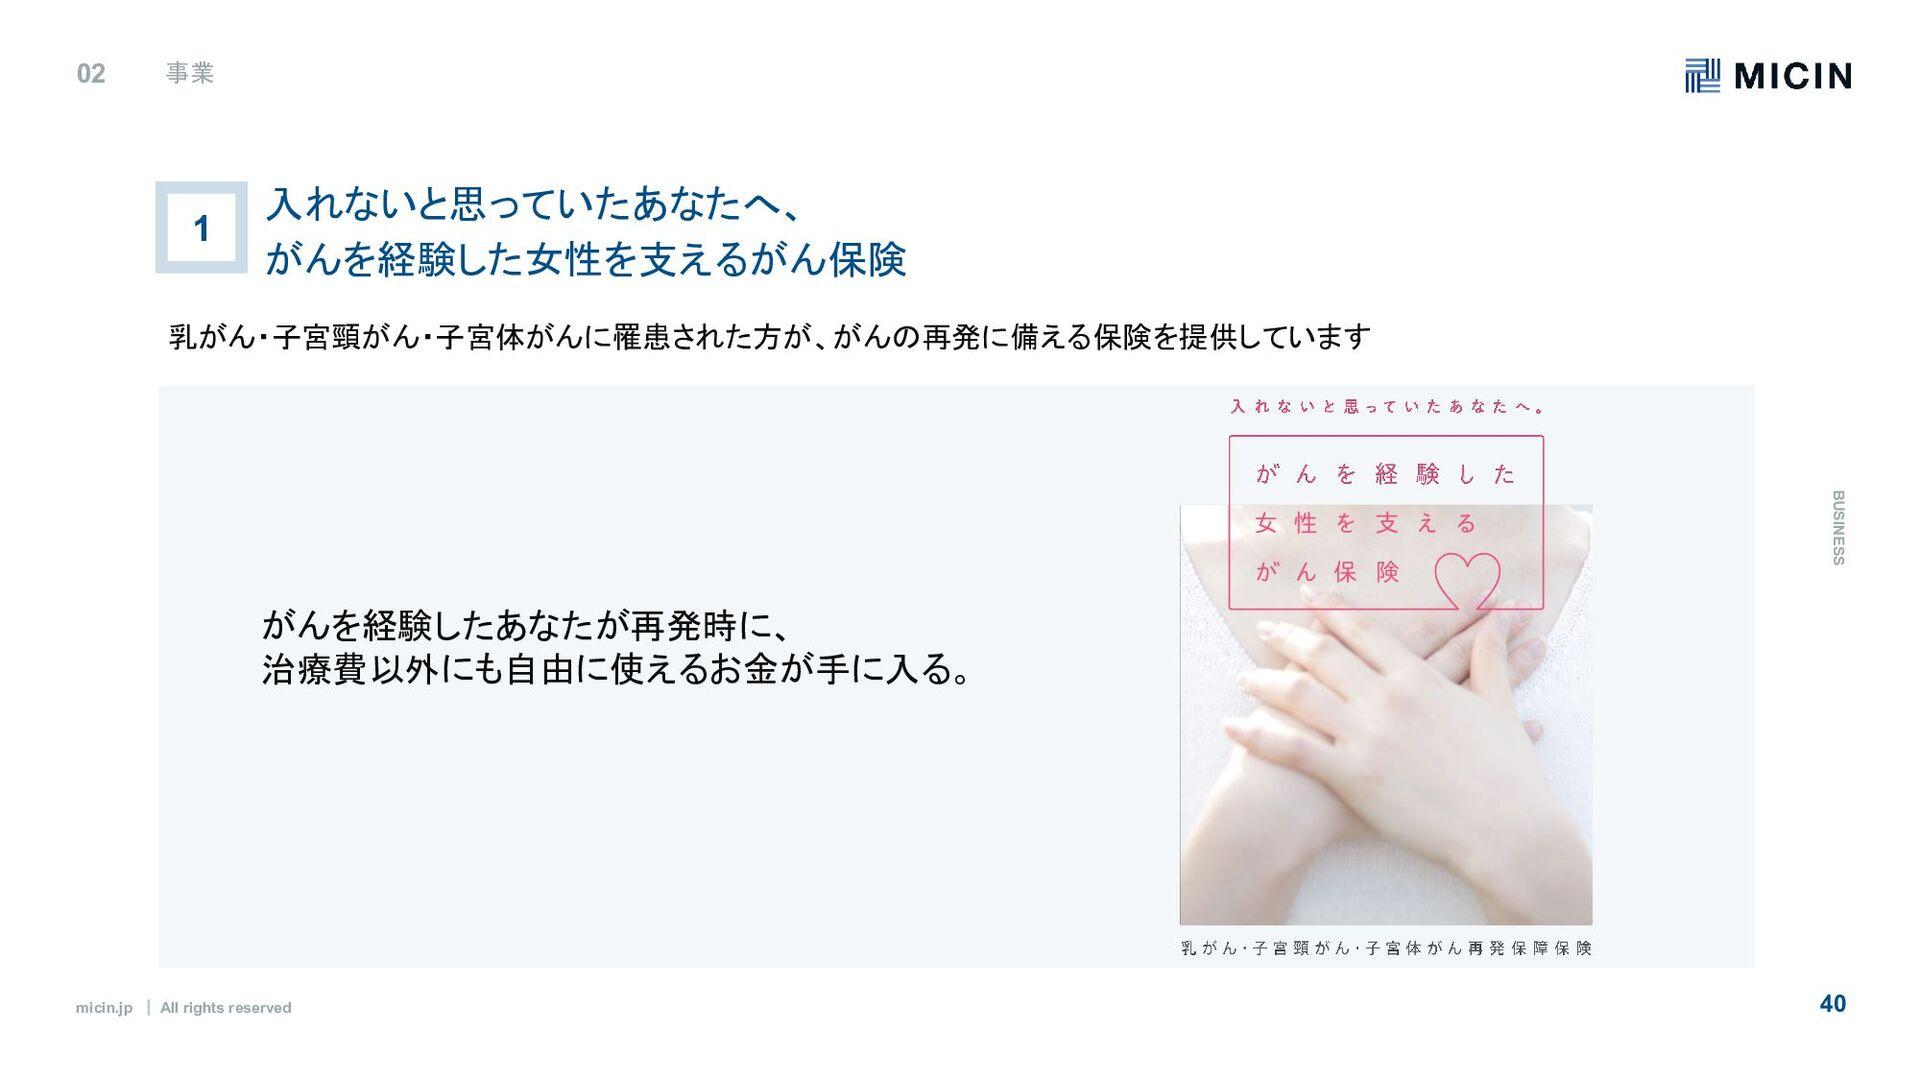 micin.jp ʛ All rights reserved 40 ϝϯόʔհ 03 O R...